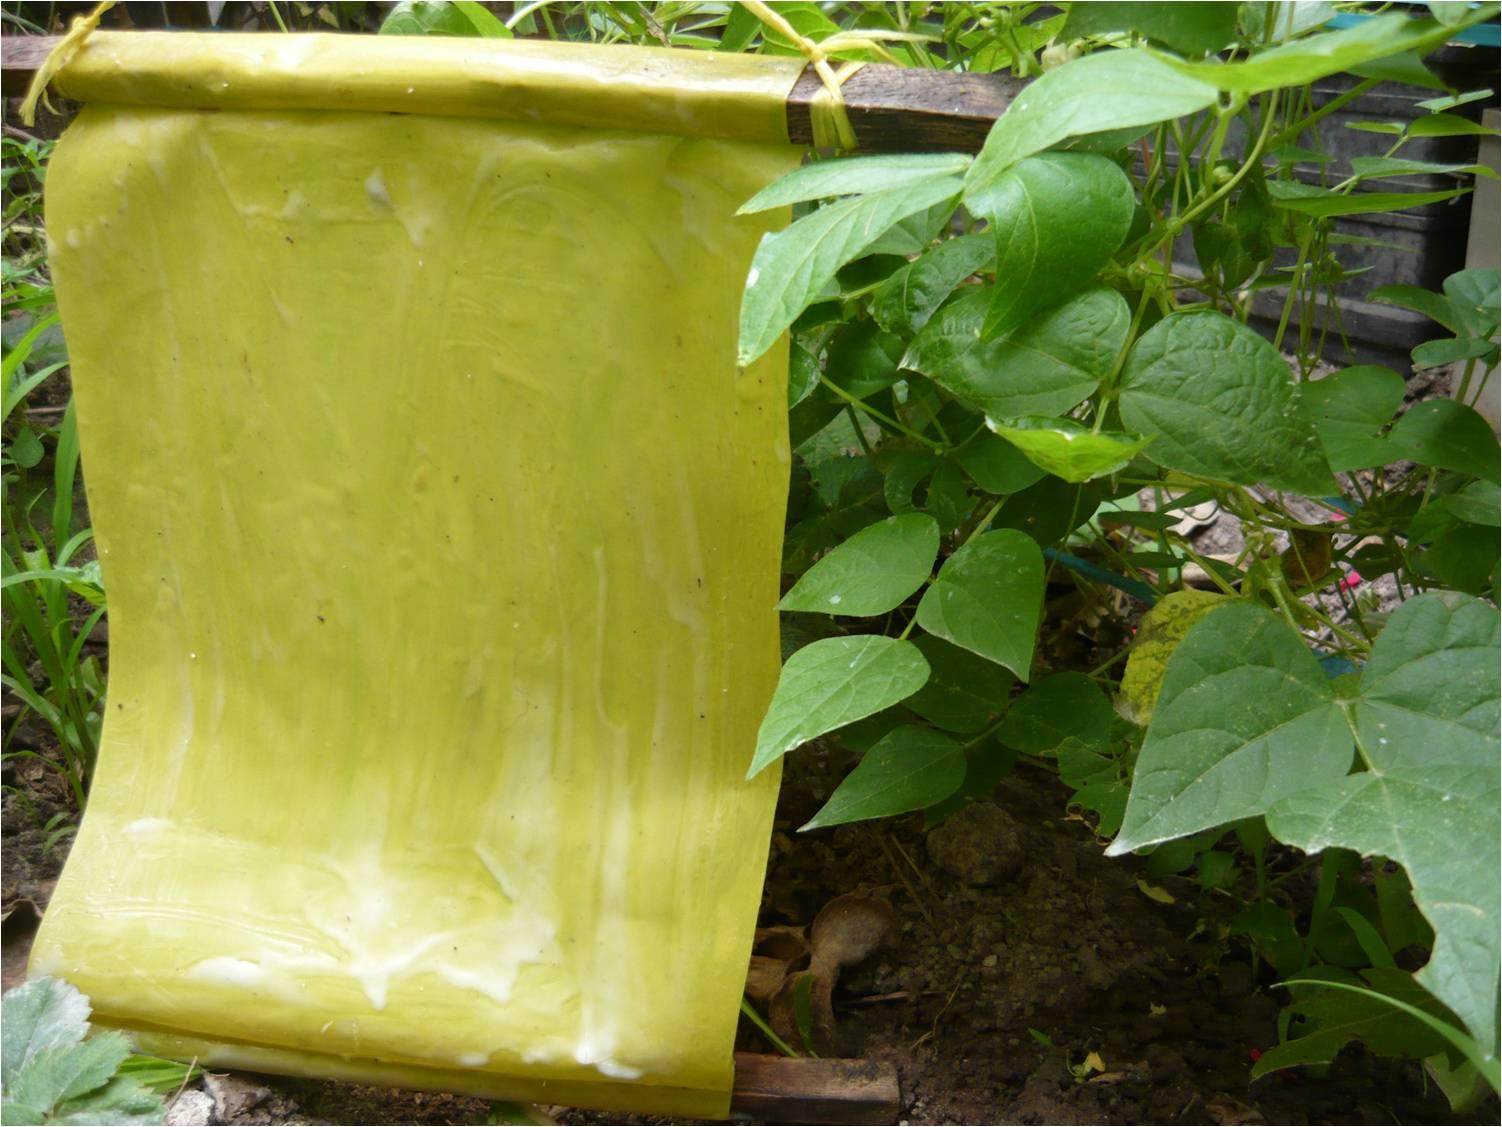 Alternativa ecol gica las trampas amarillas - Trampas para ratones de campo ...